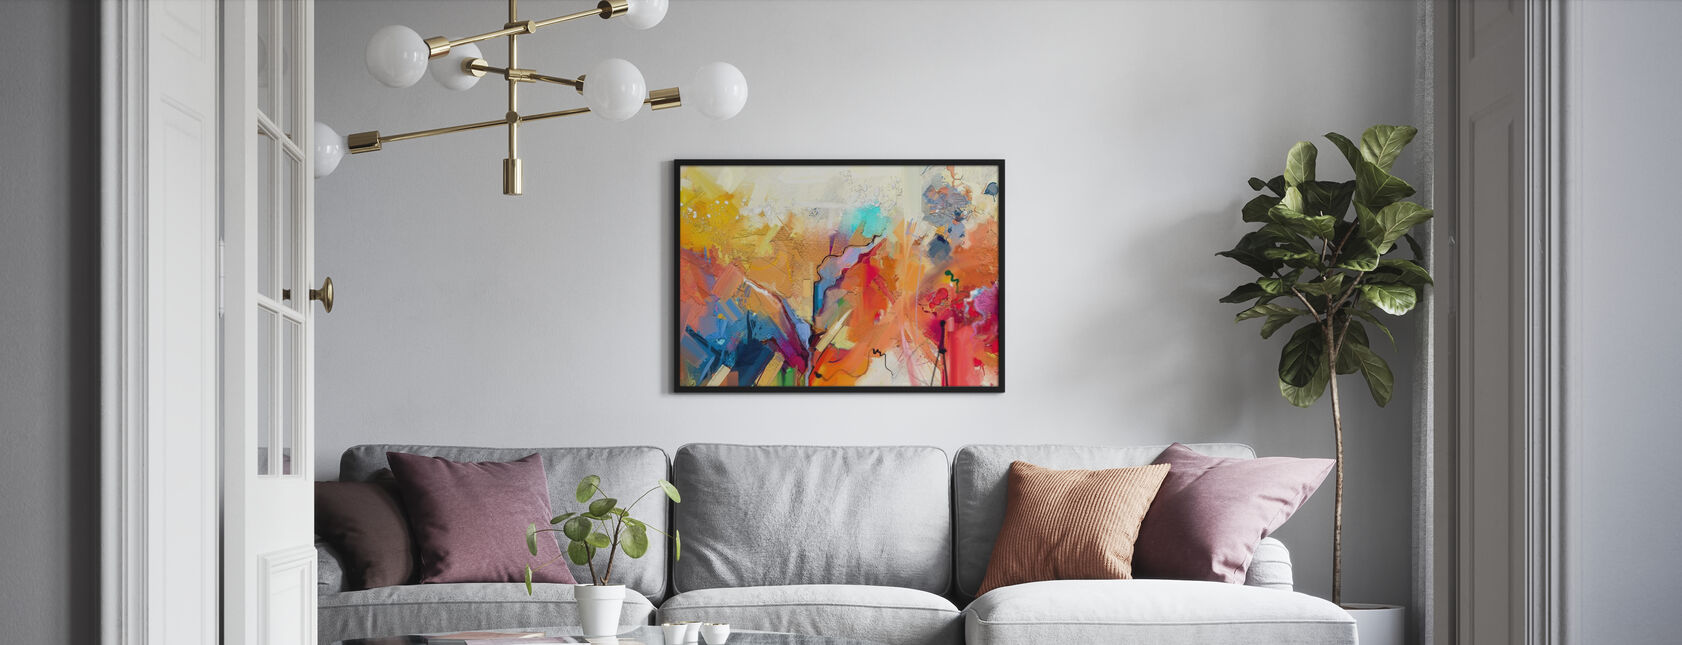 Farverige abstrakt maleri - Indrammet billede - Stue